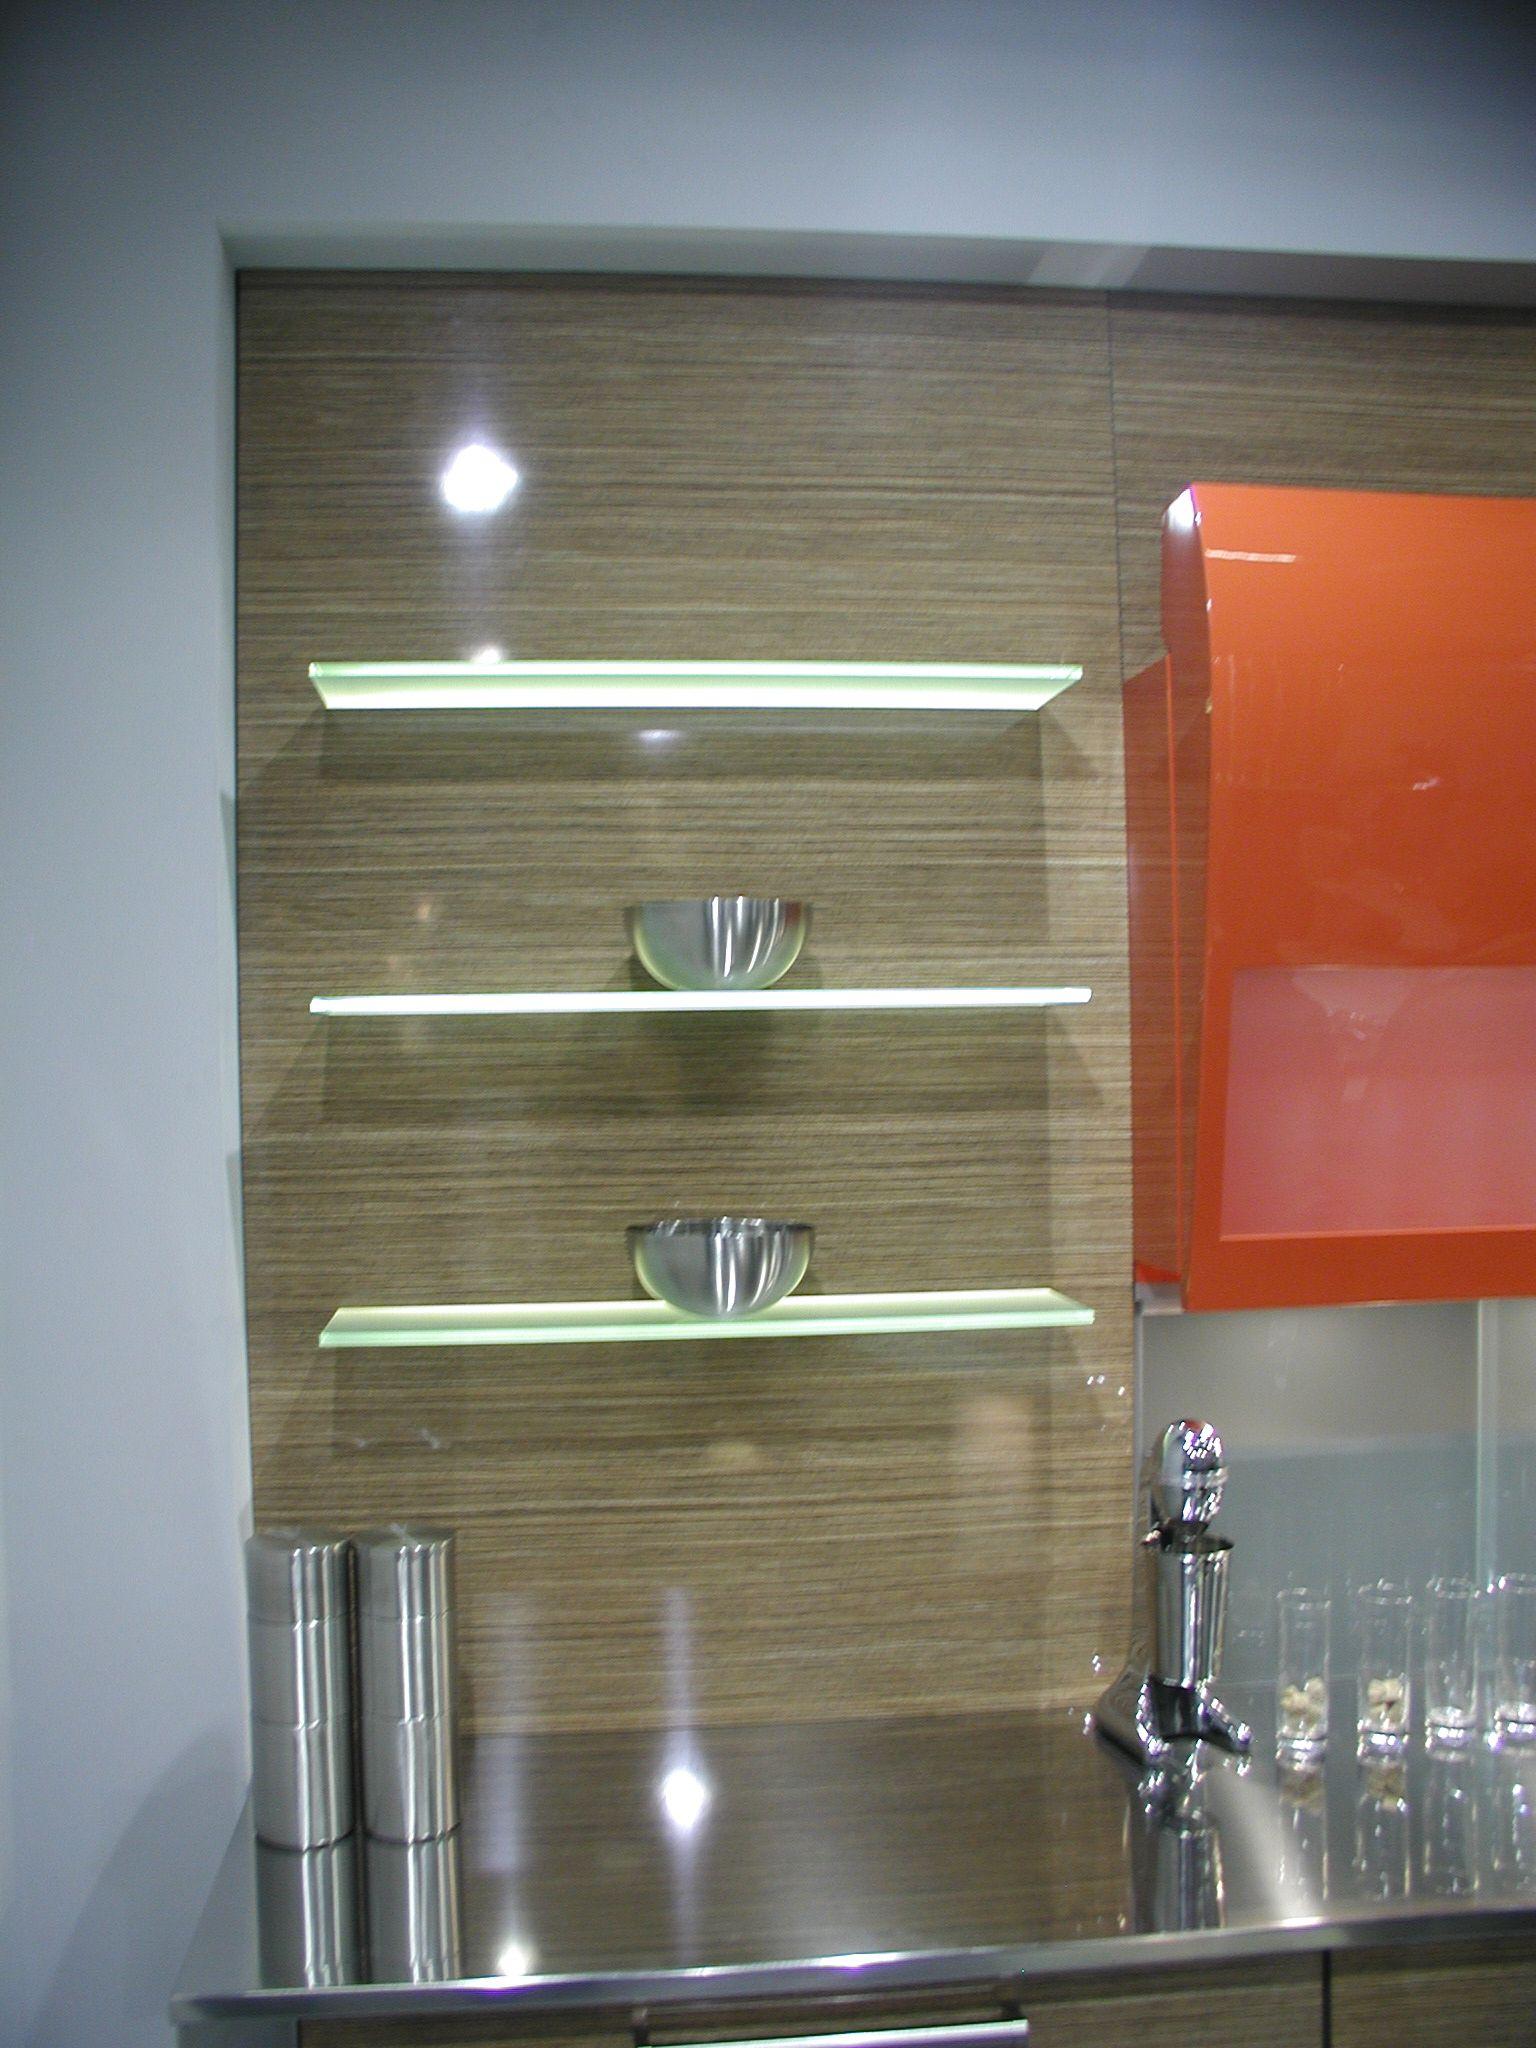 glasarbeitsplatte in der k che und gastronomie k chenausstattung forum. Black Bedroom Furniture Sets. Home Design Ideas